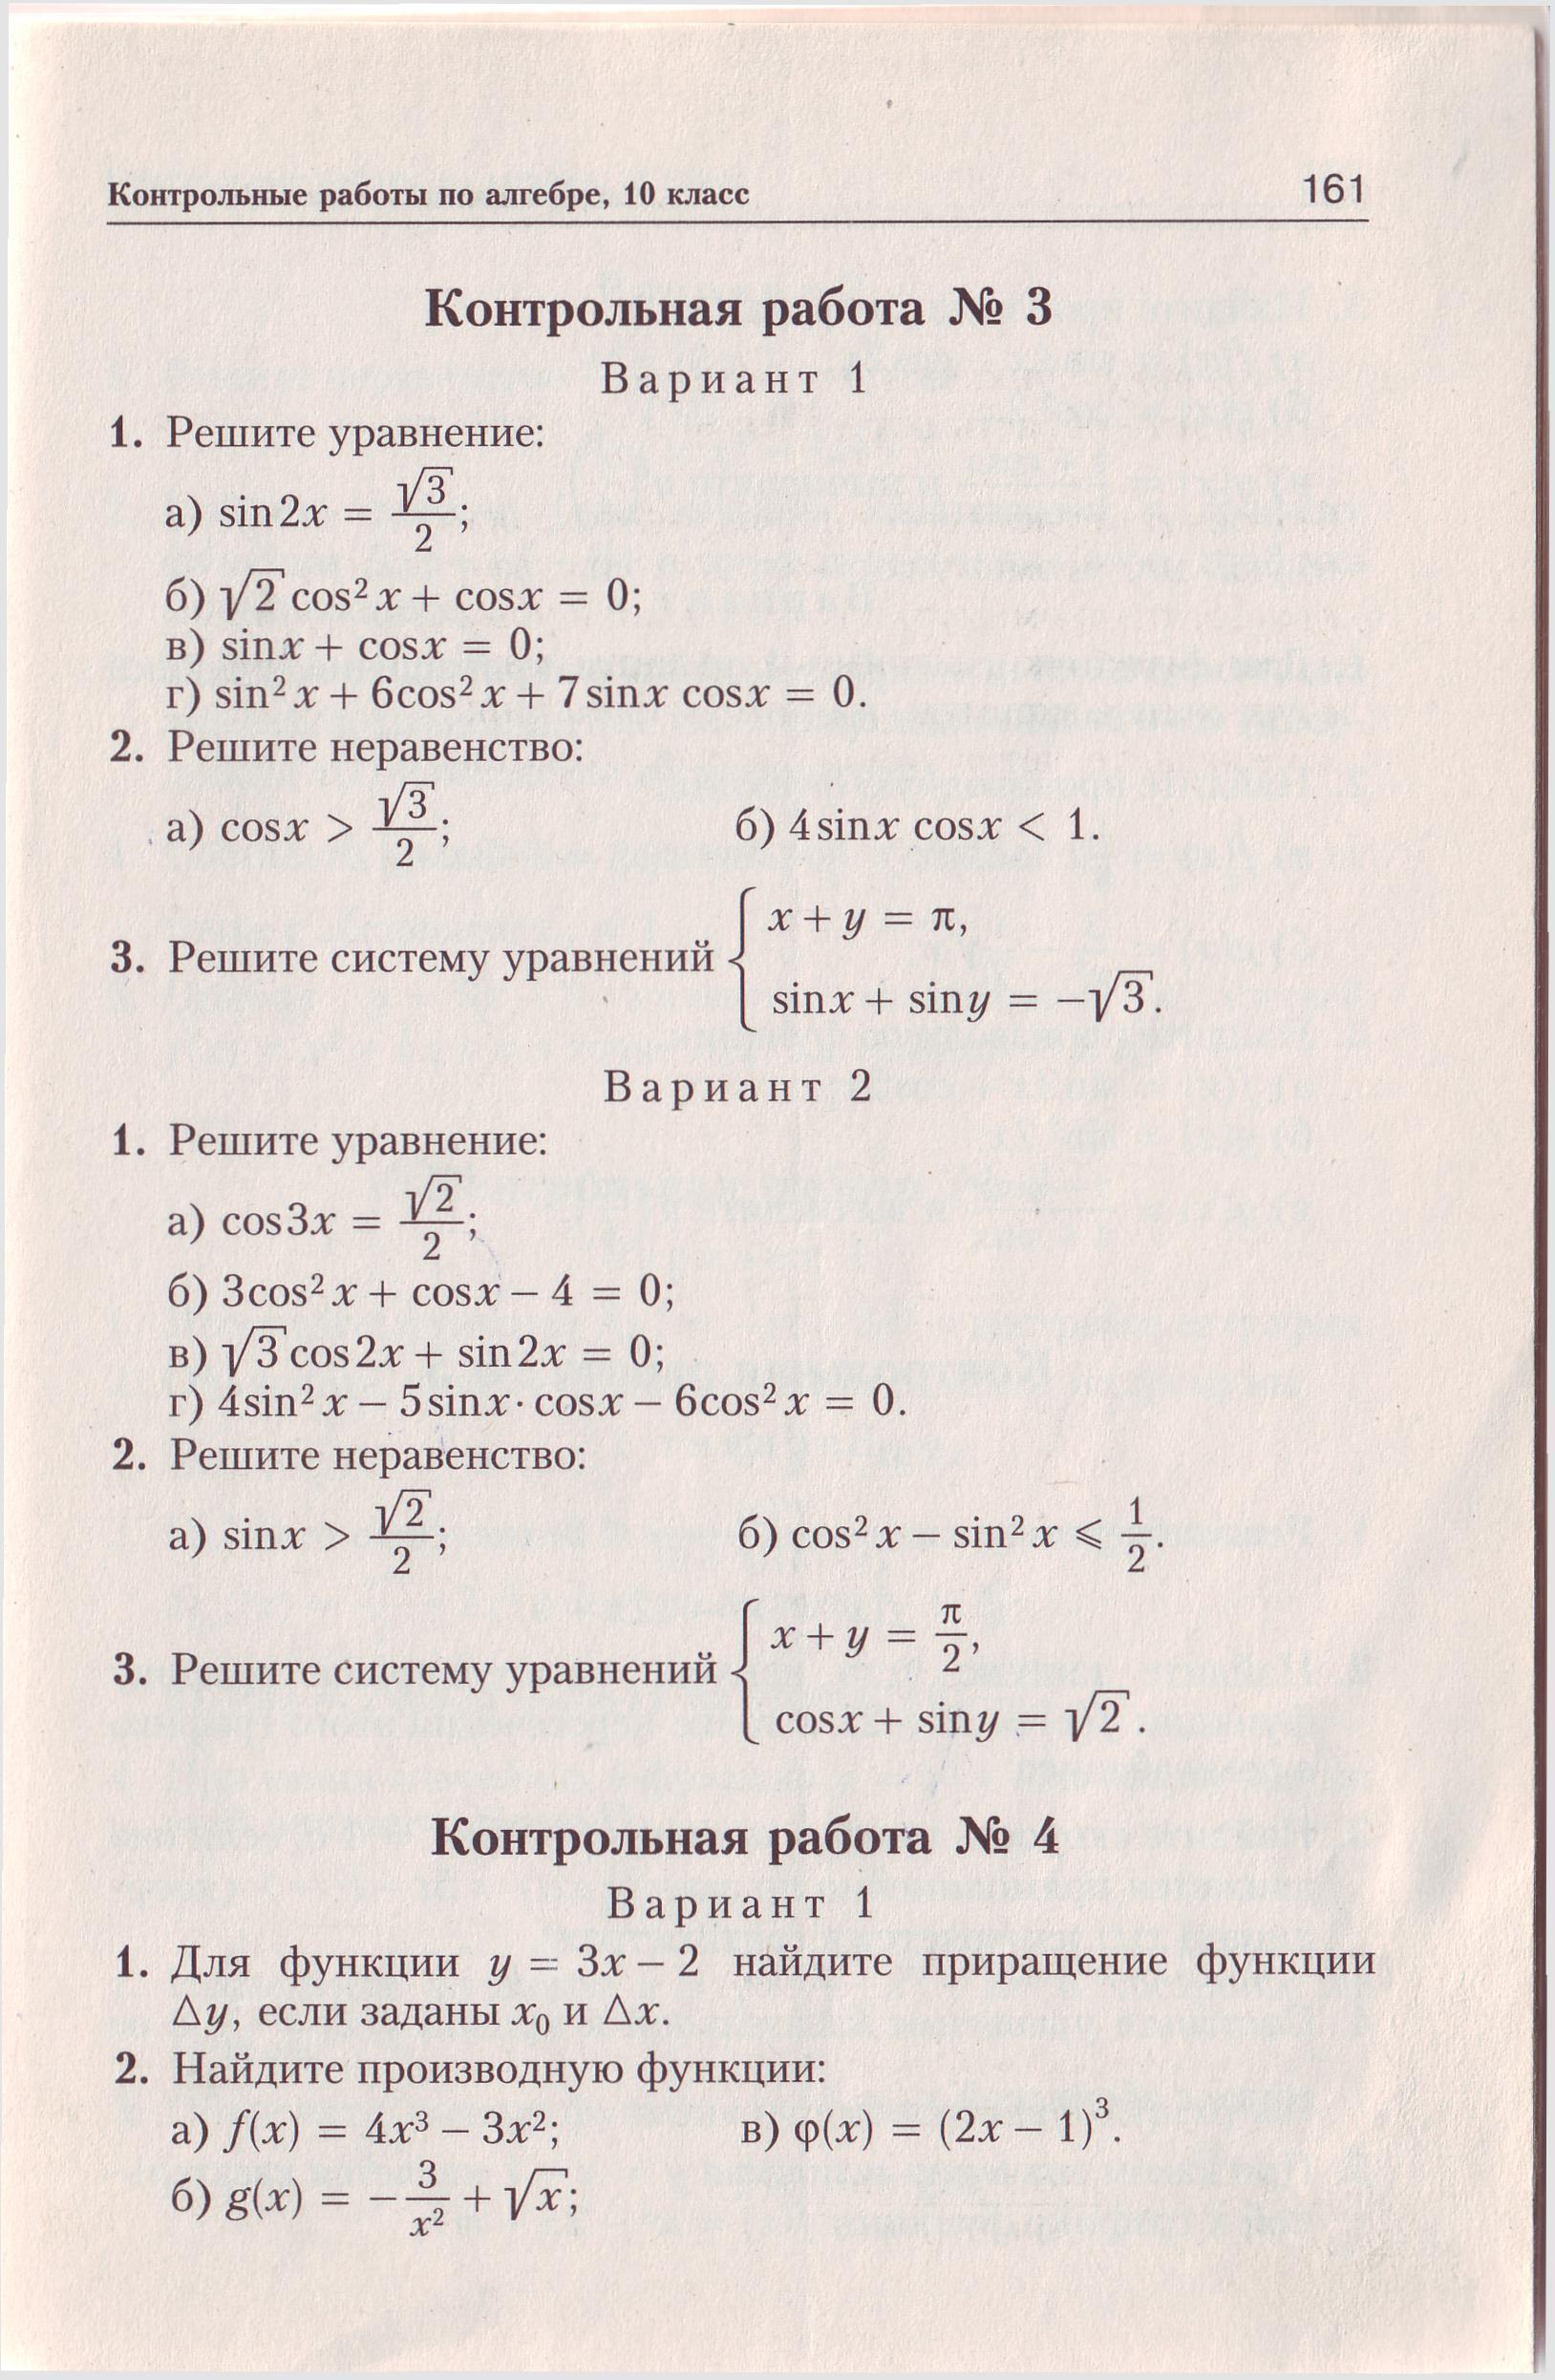 Скачать с решение по математике алгебра и начала анализа учебник для 10-11 классов а.н колмогоров и др 19-е изд м.:просвещение